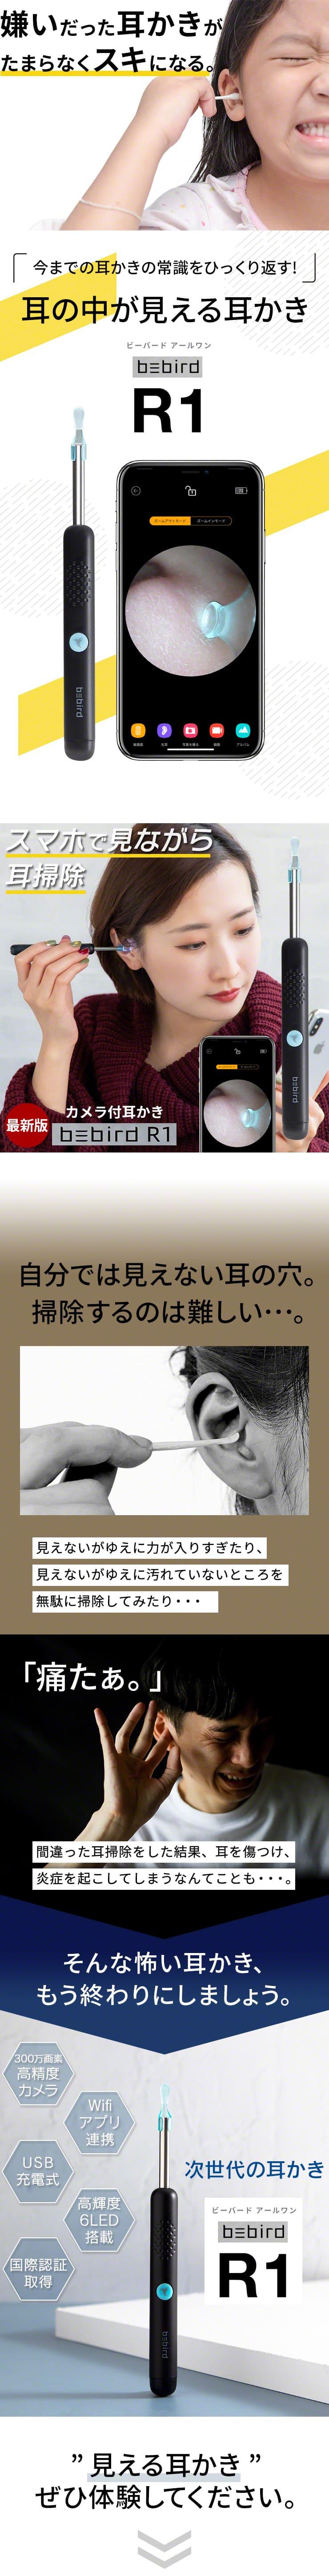 耳搔き ワイヤレススコープ スコープ付き耳かき 高精細 光る耳かき 耳掃除 イヤーピース 照明付き 耳鏡 ピンセット 子供用 明るい 耳掃除 クリーナー